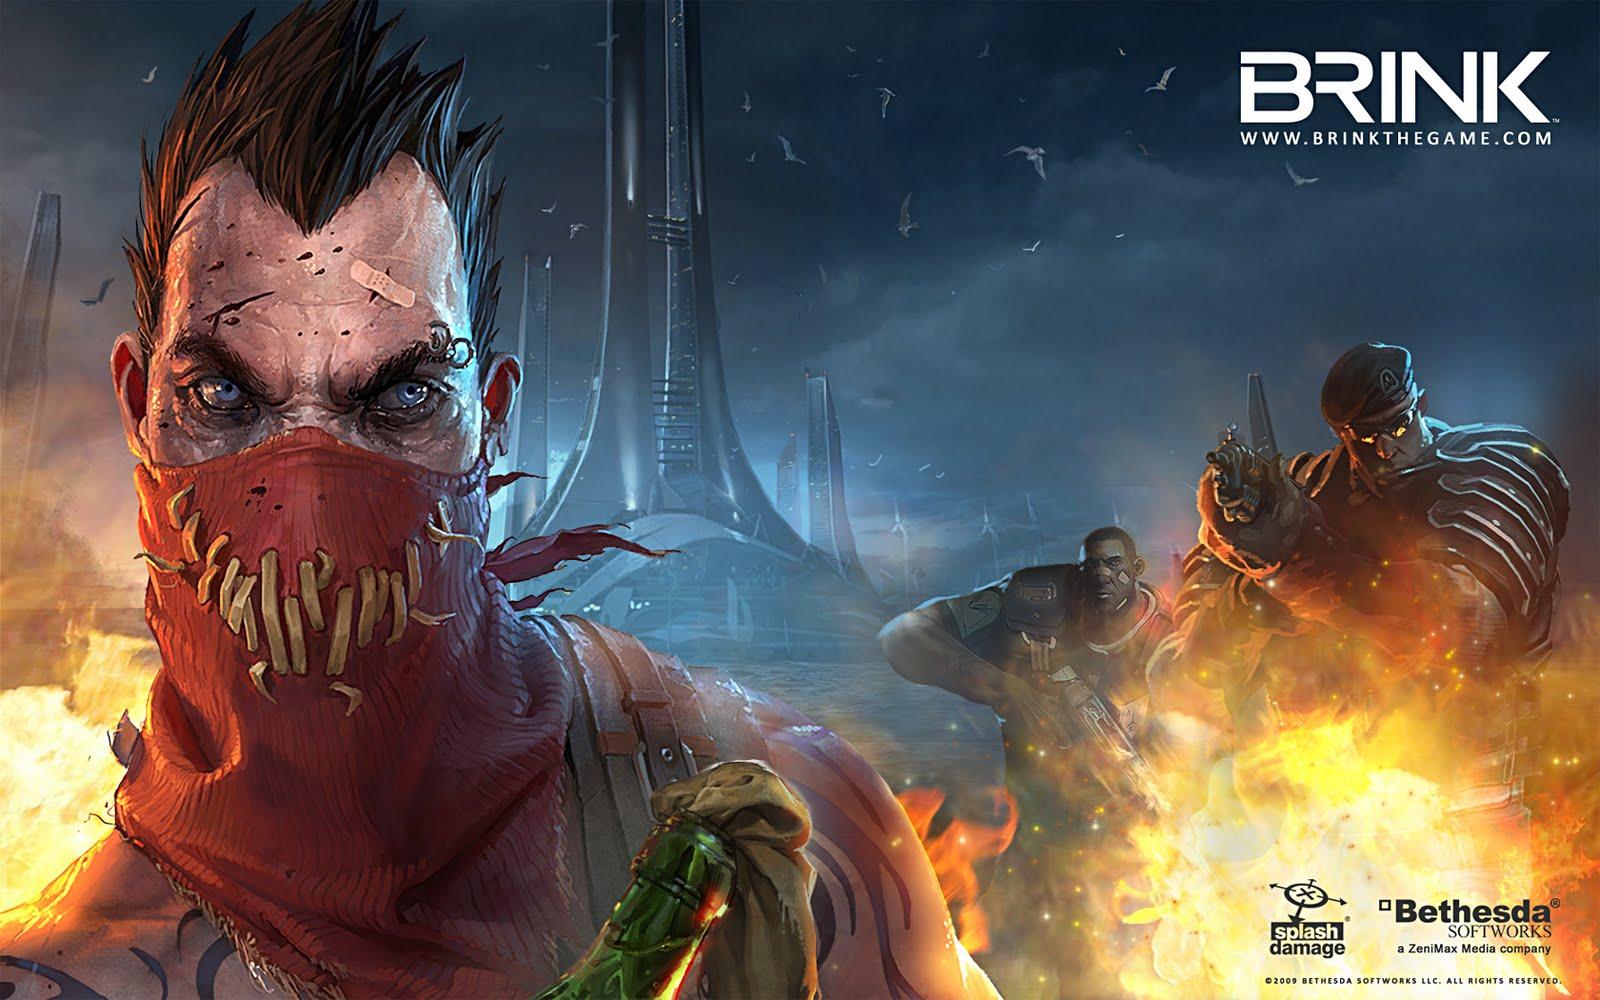 ¿Para qué comprar Brink si ya tenemos a Team Fortress 2? [Video]